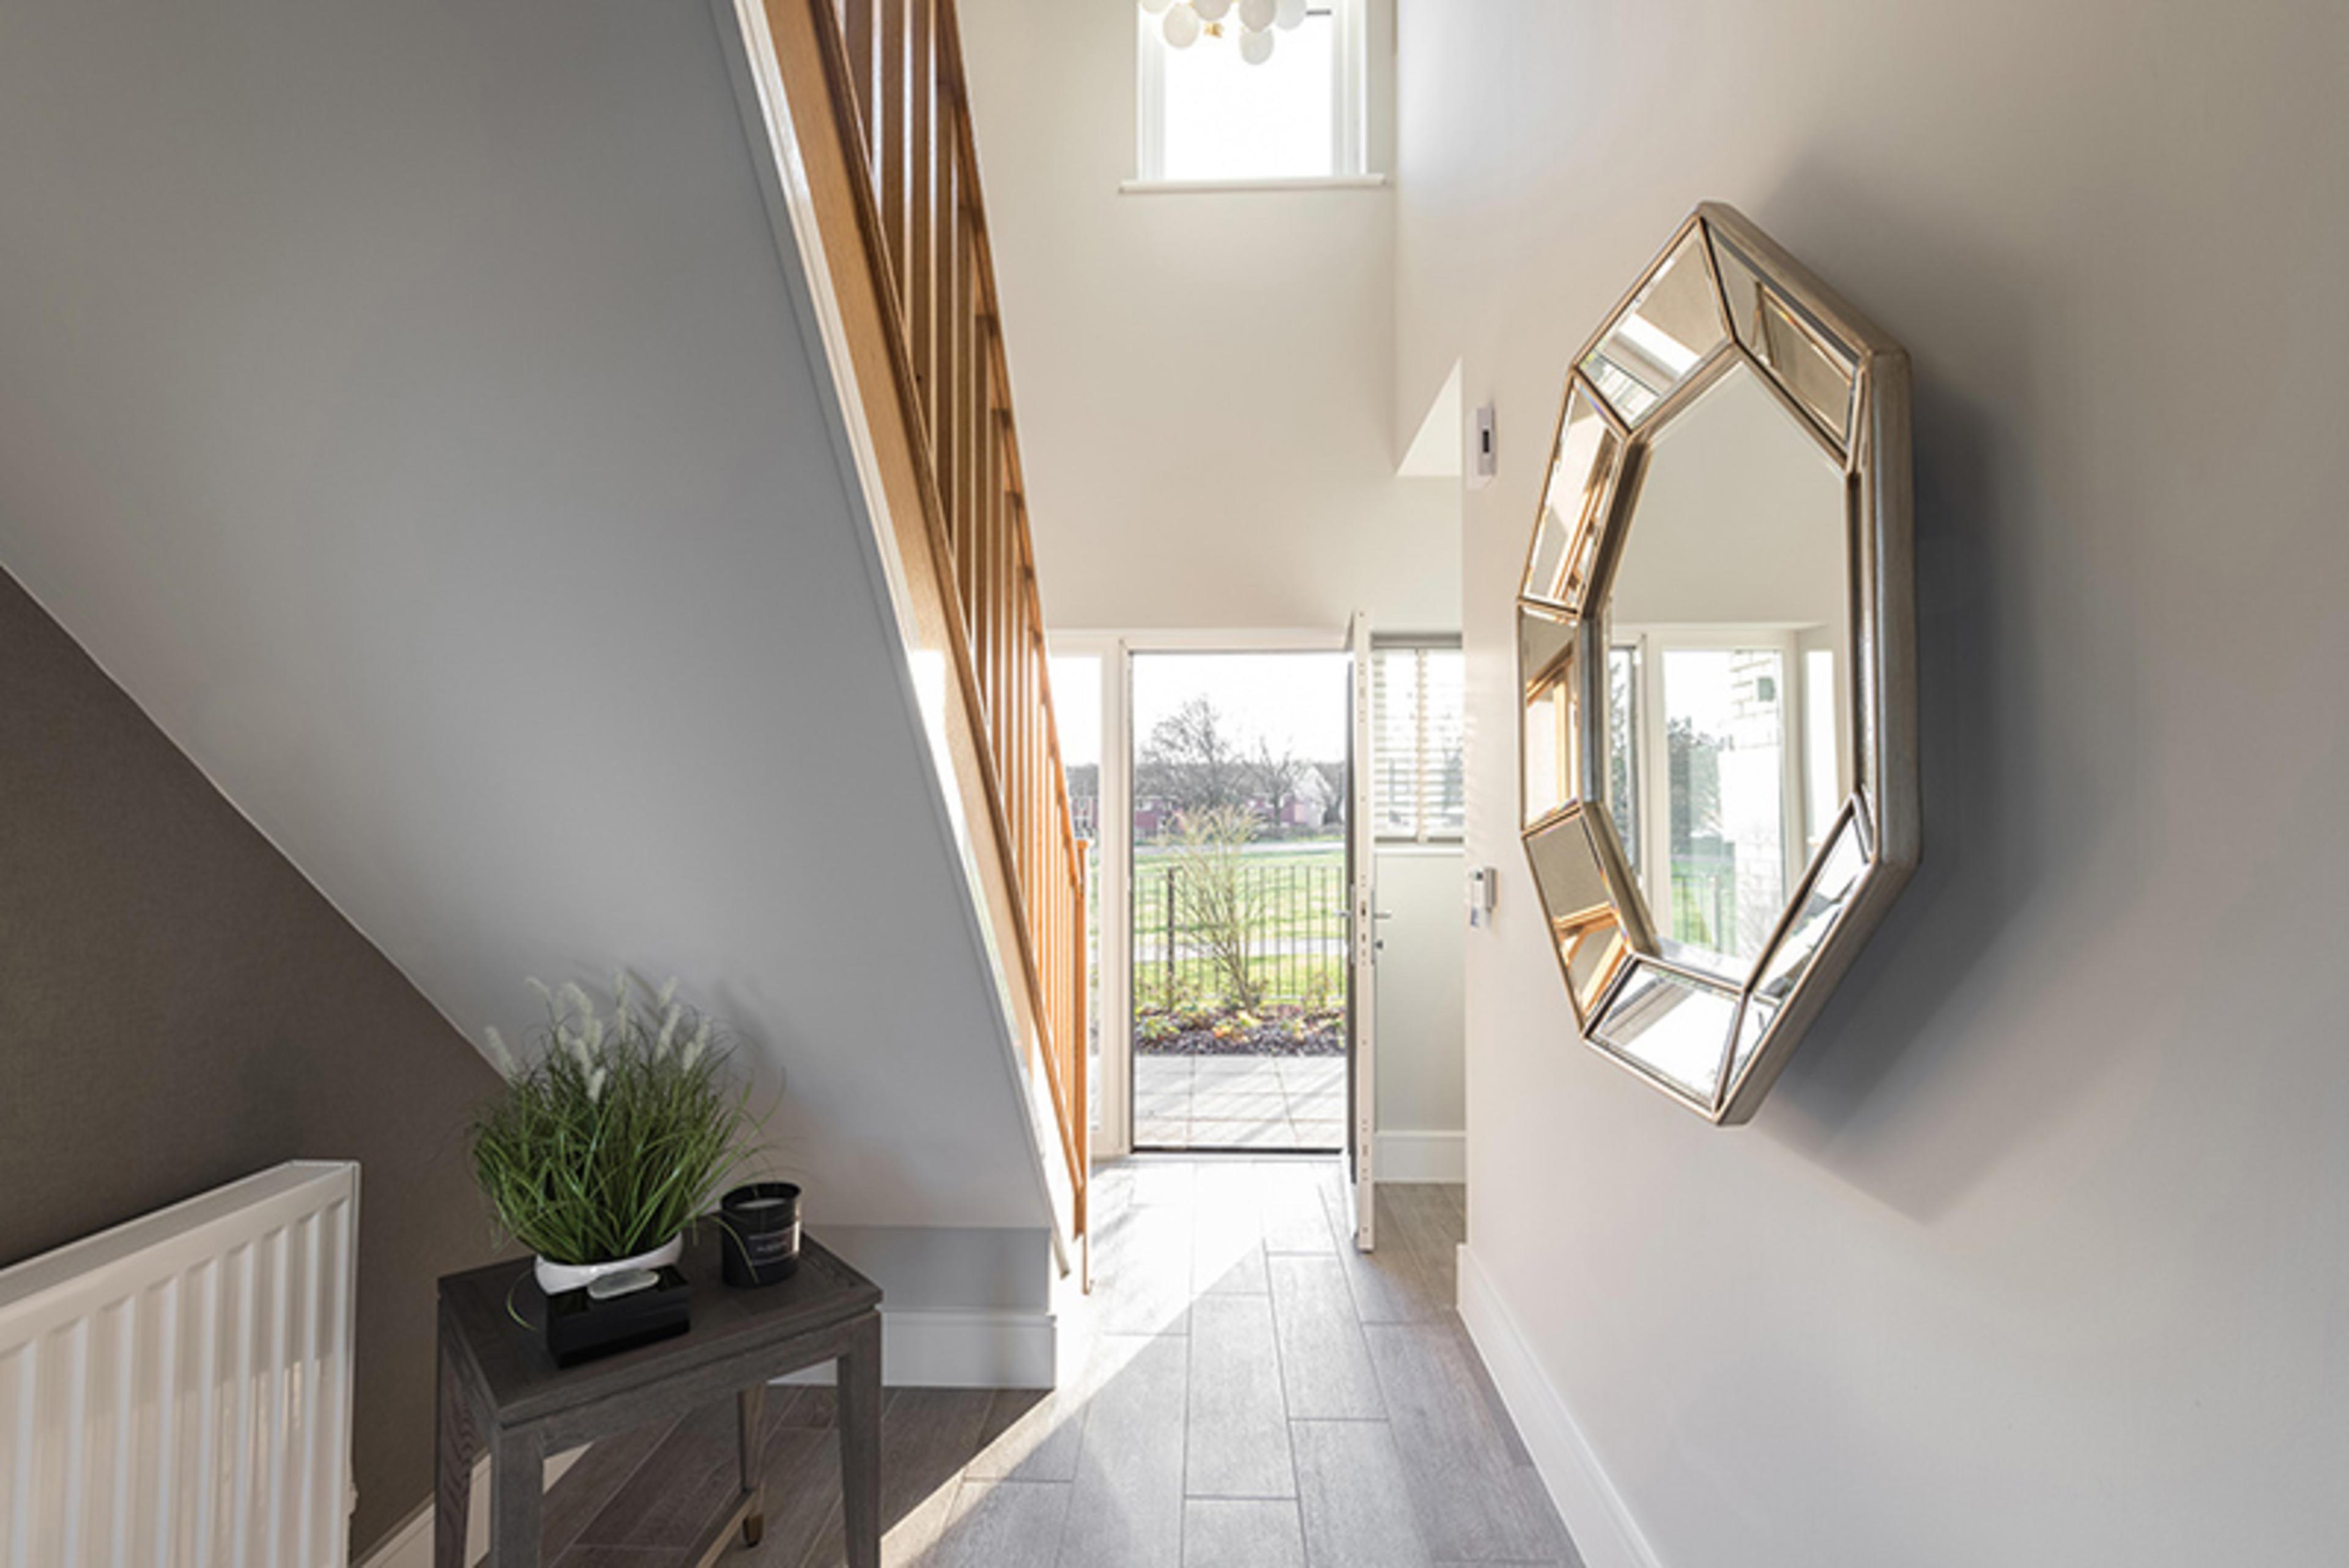 watling-grange-harrogate-merevale-4-bed-home-hallway-1